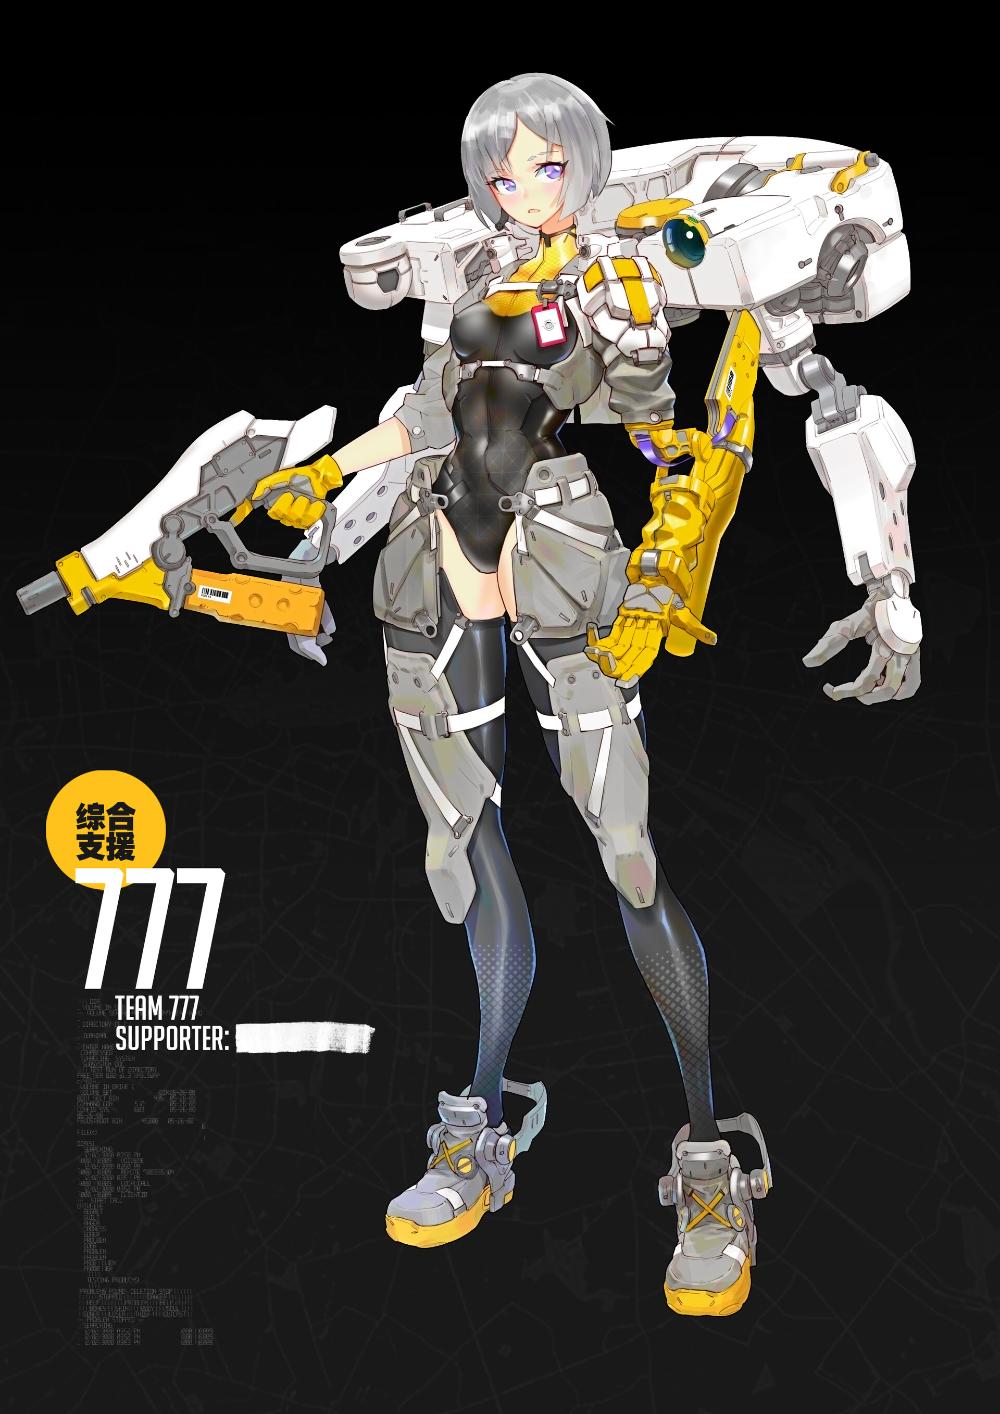 ArtStation Team 777丨Supporter, Yuki V3 Anime warrior